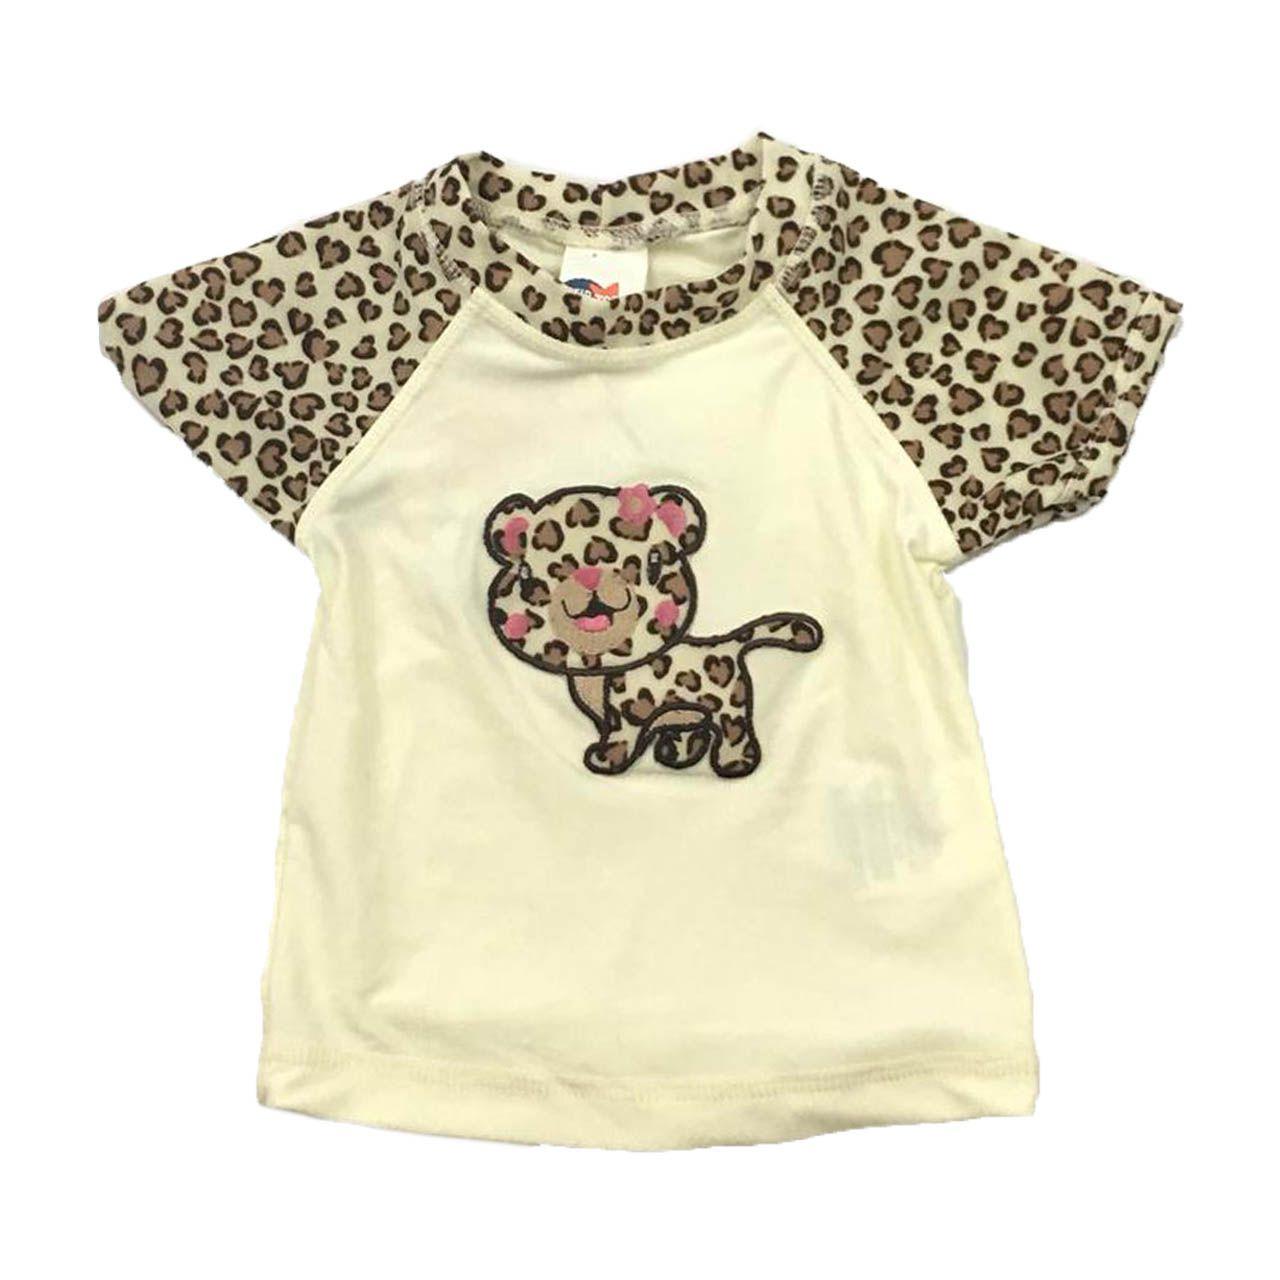 Camisa Praia Manga curta Tip Top 1105104